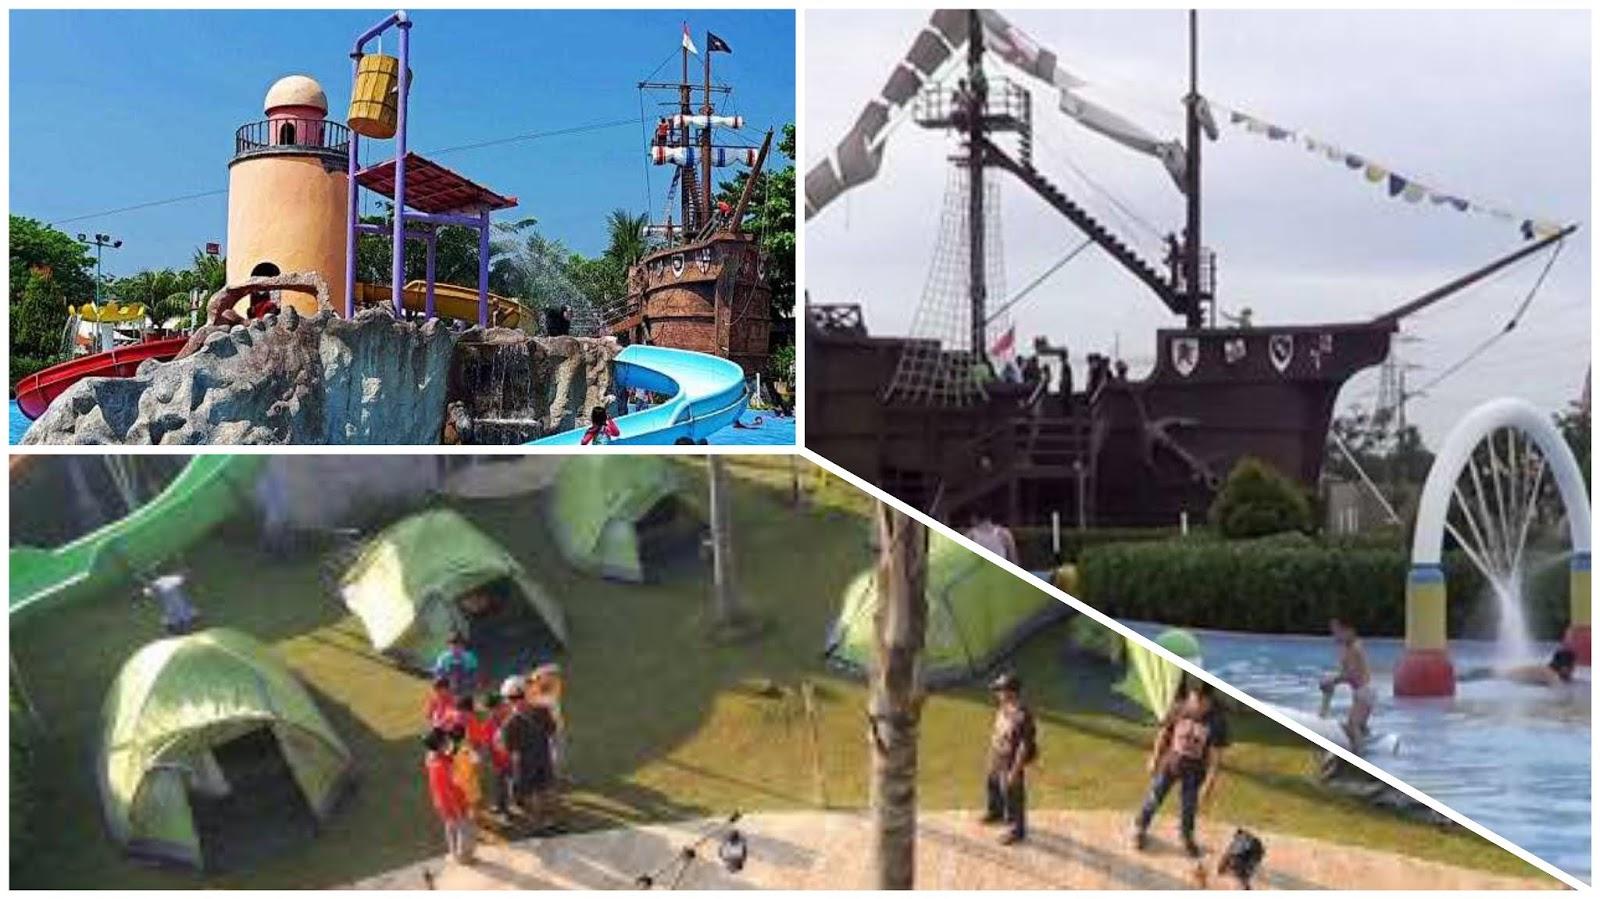 Columbus Waterpark Bekasi, Cek Promo Tiketnya dan Nikmati Keseruan